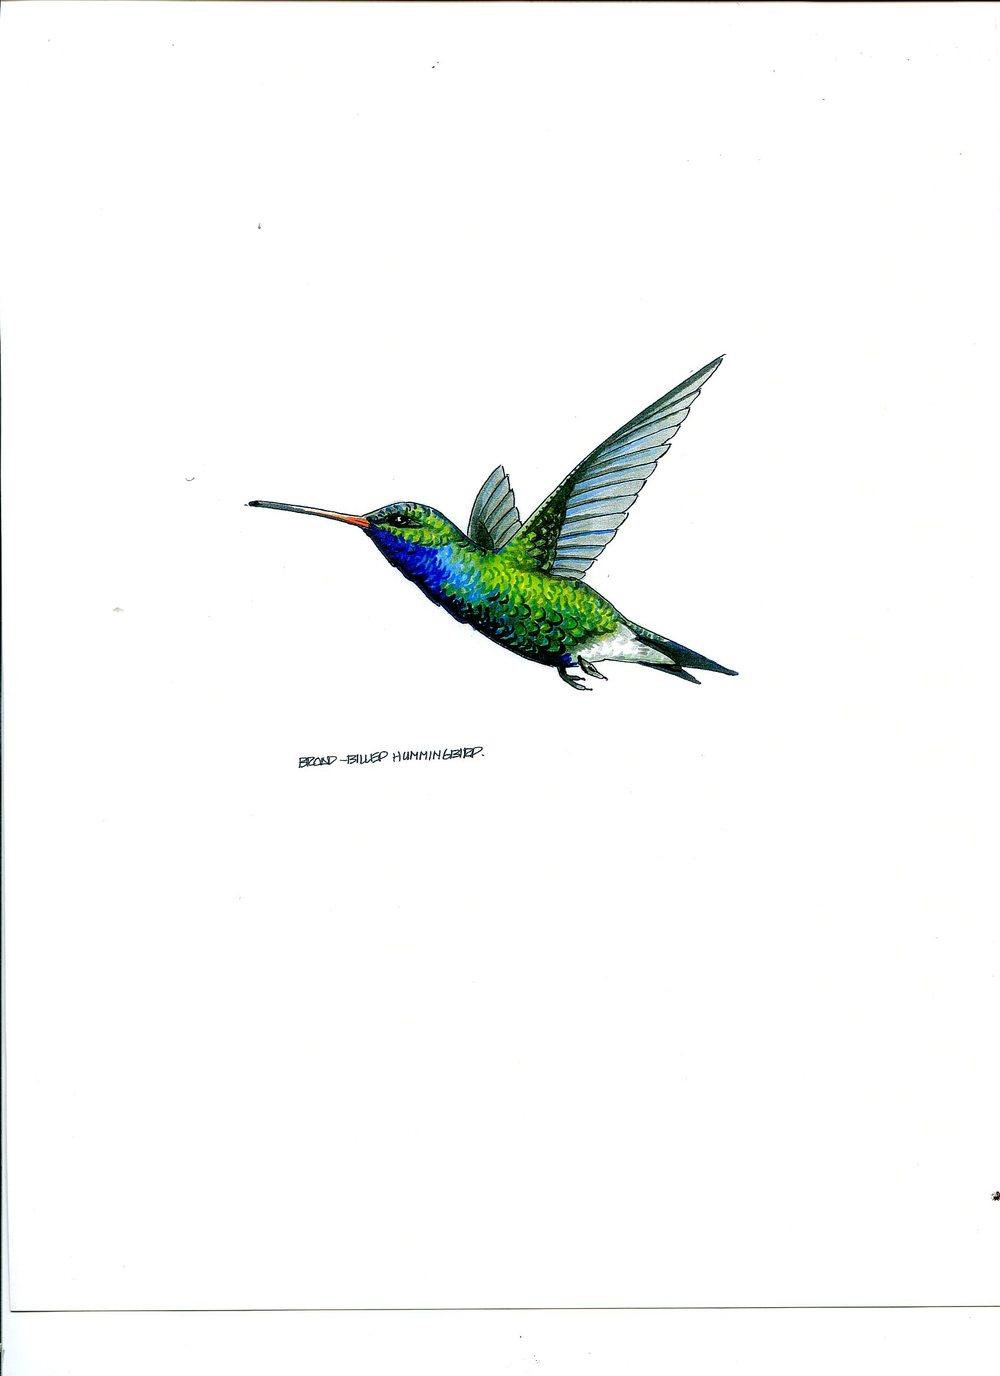 humming bird 4291.jpg